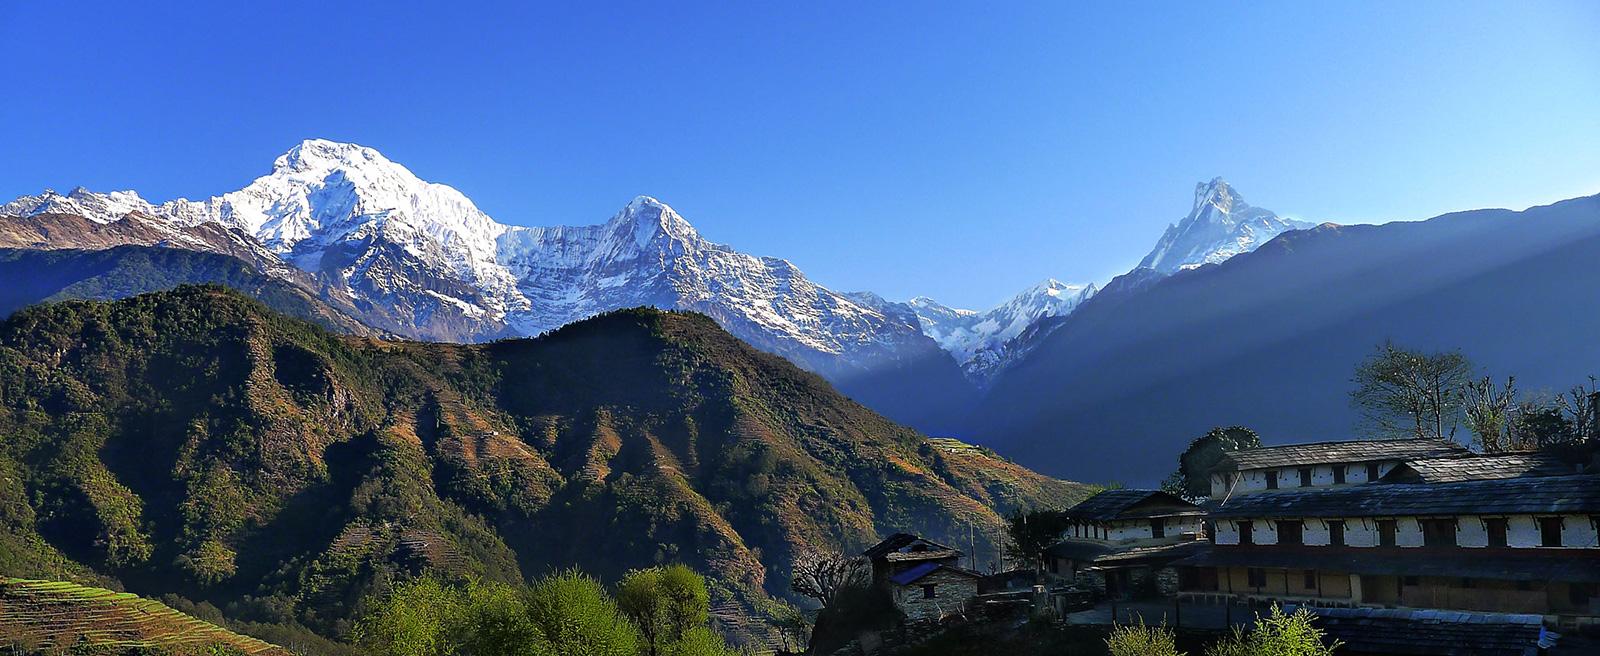 Annapurna Base Camp Trek-12 Days